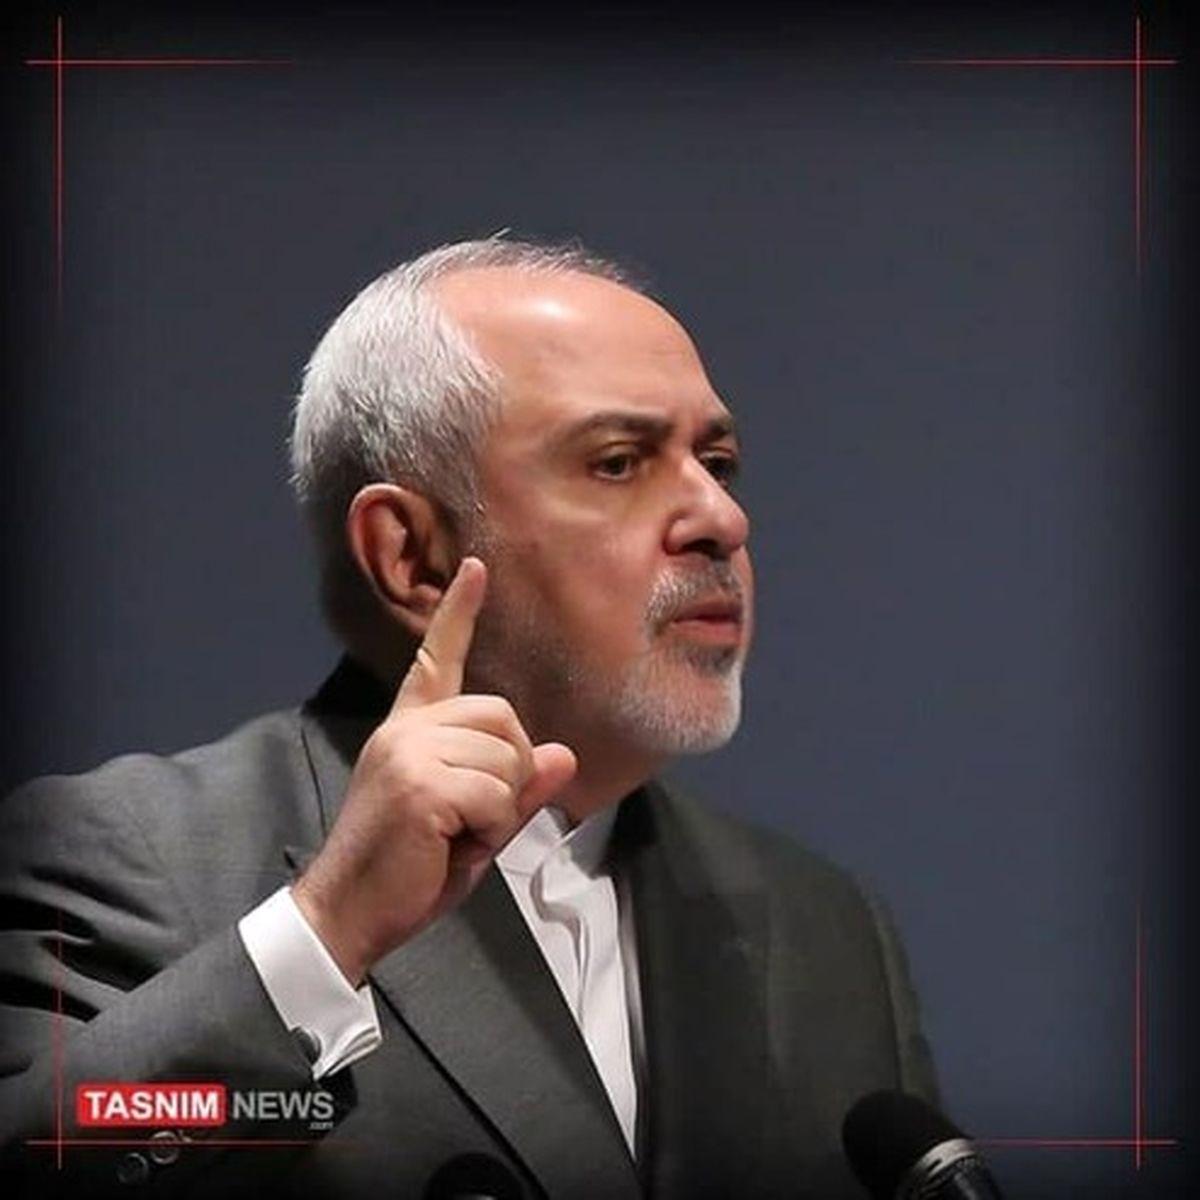 آمریکا مانع پرداخت بدهی ایران به سازمان ملل